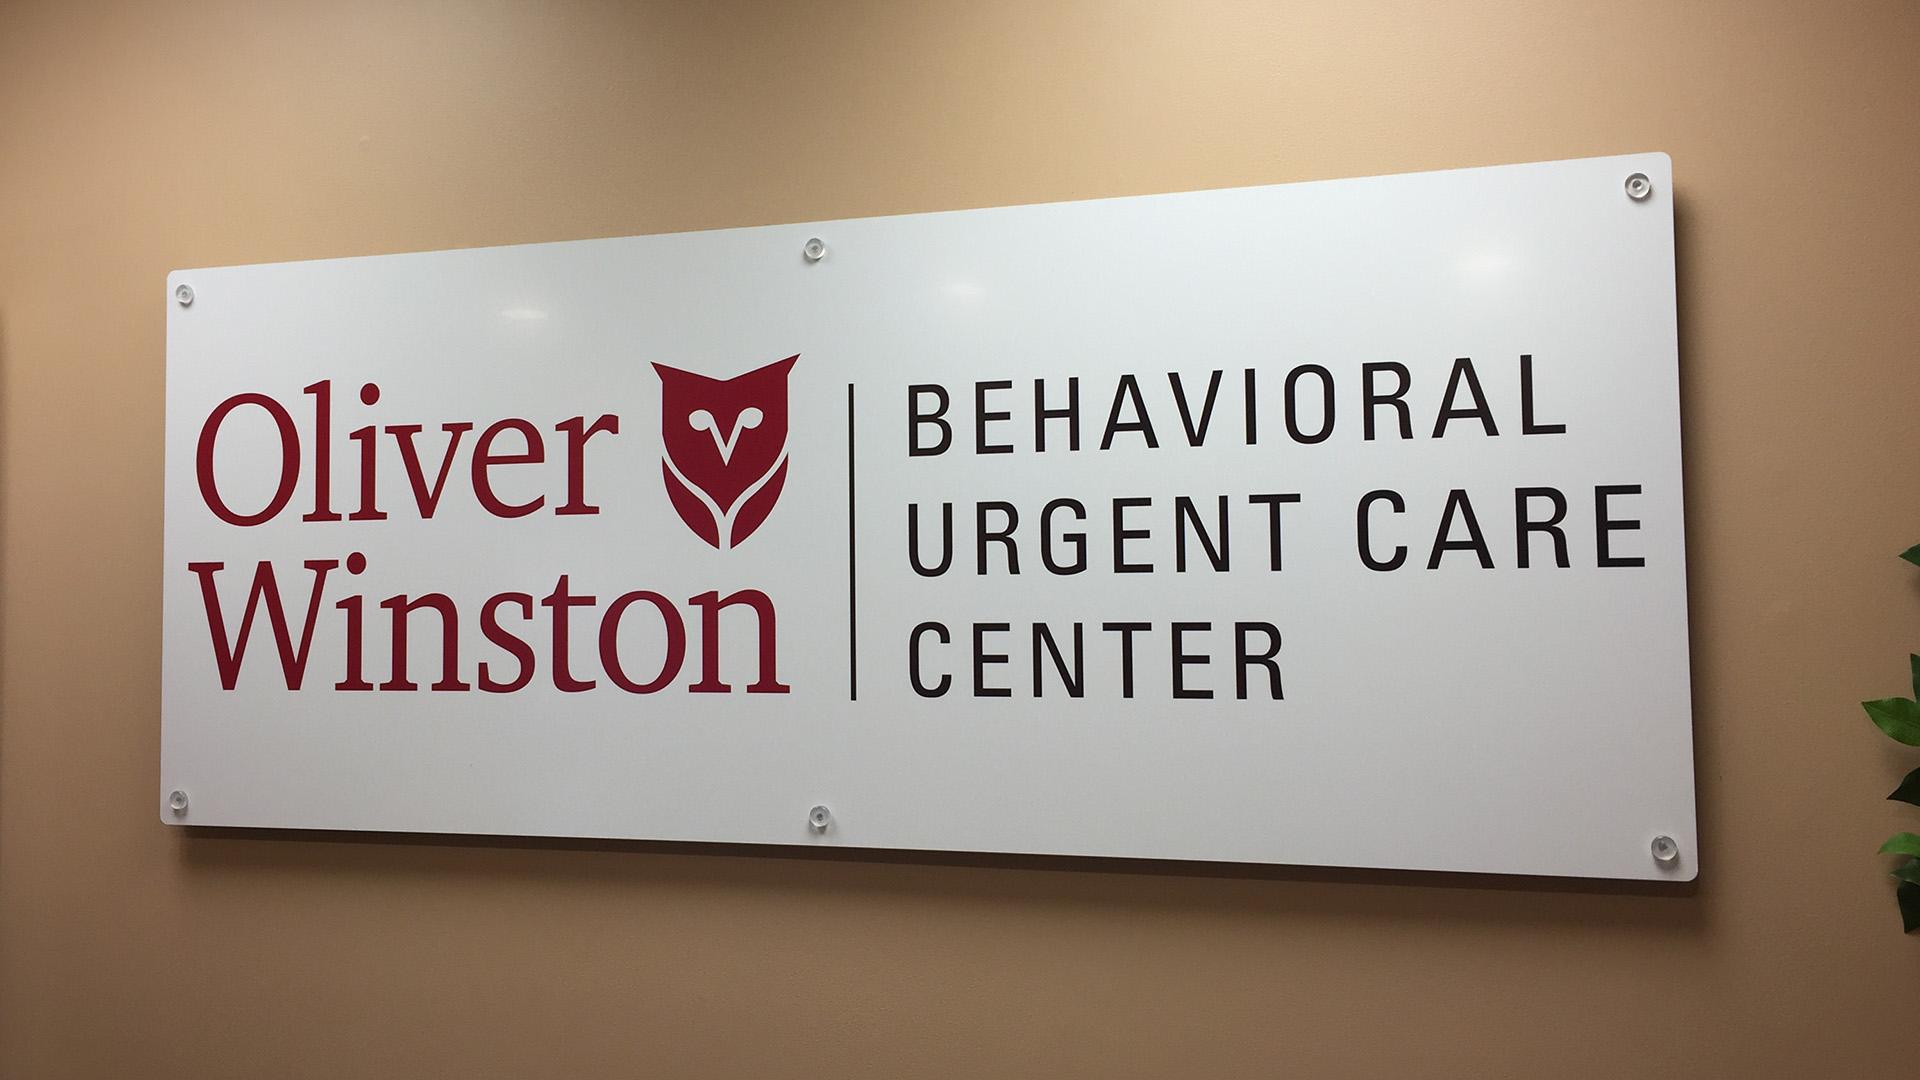 Oliver Winston Behavioral urgent care center door sign